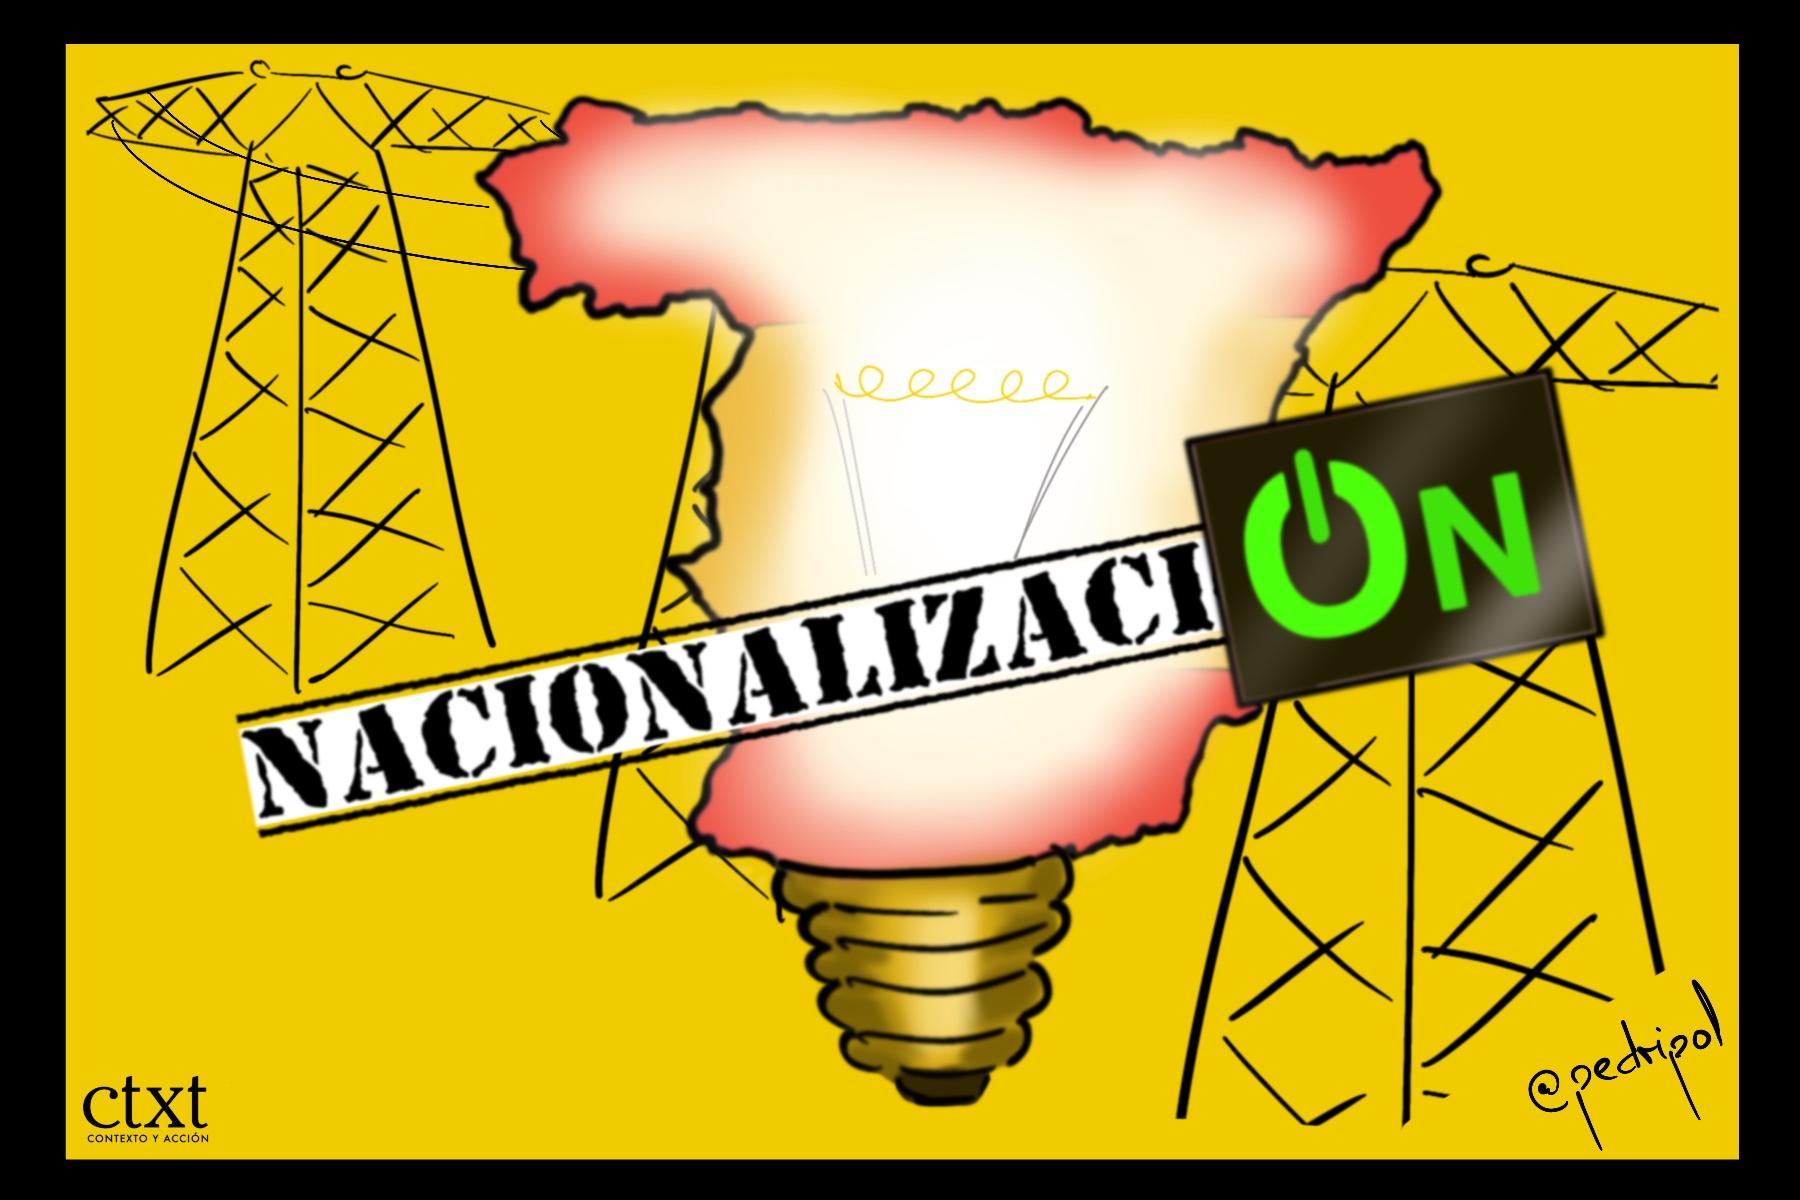 <p>Nacionalización recursos básicos, oligopolio energético</p>